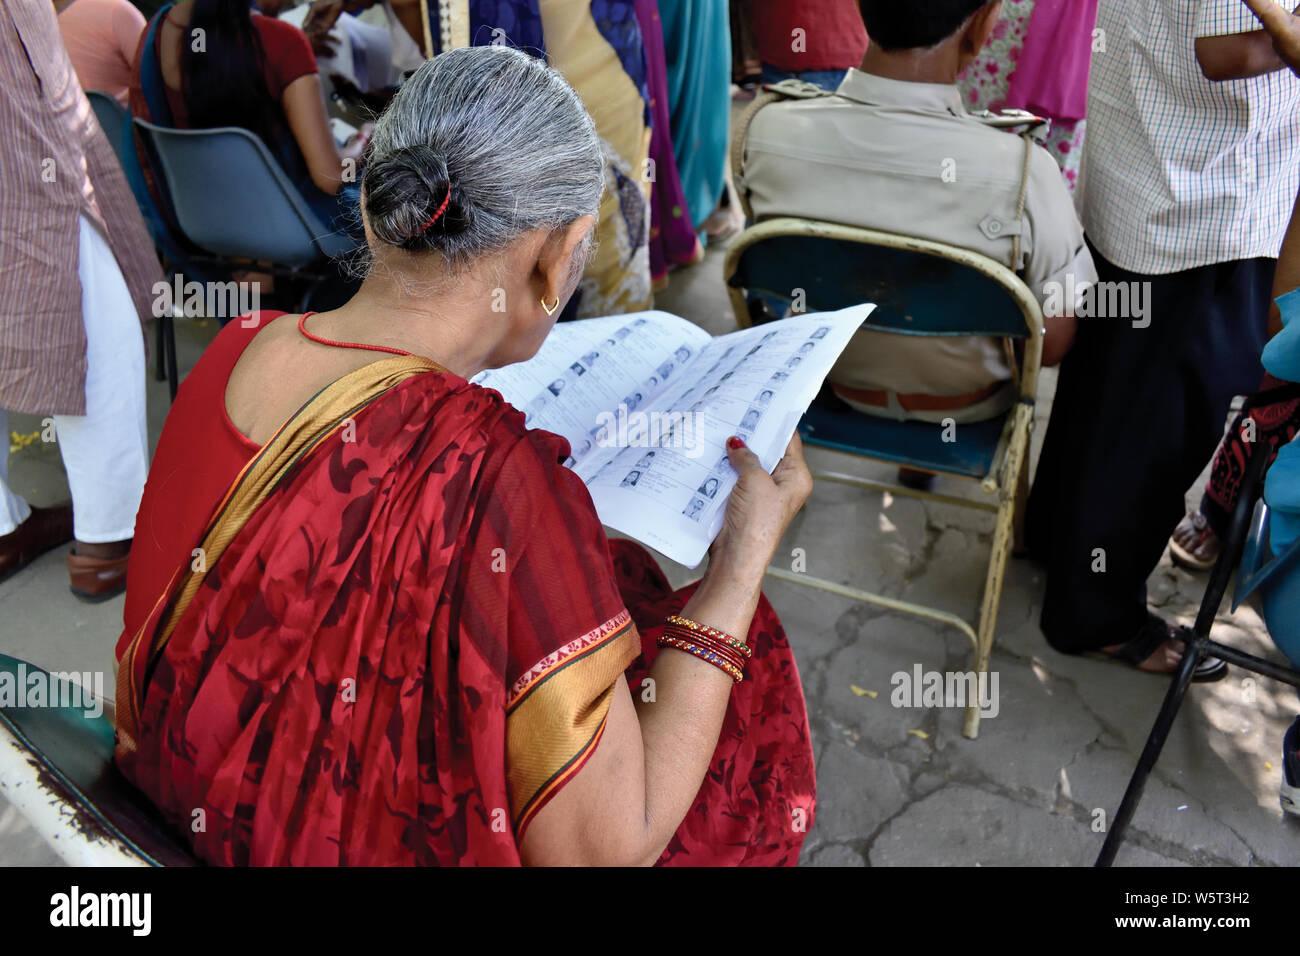 Patna Stock Photos & Patna Stock Images - Alamy